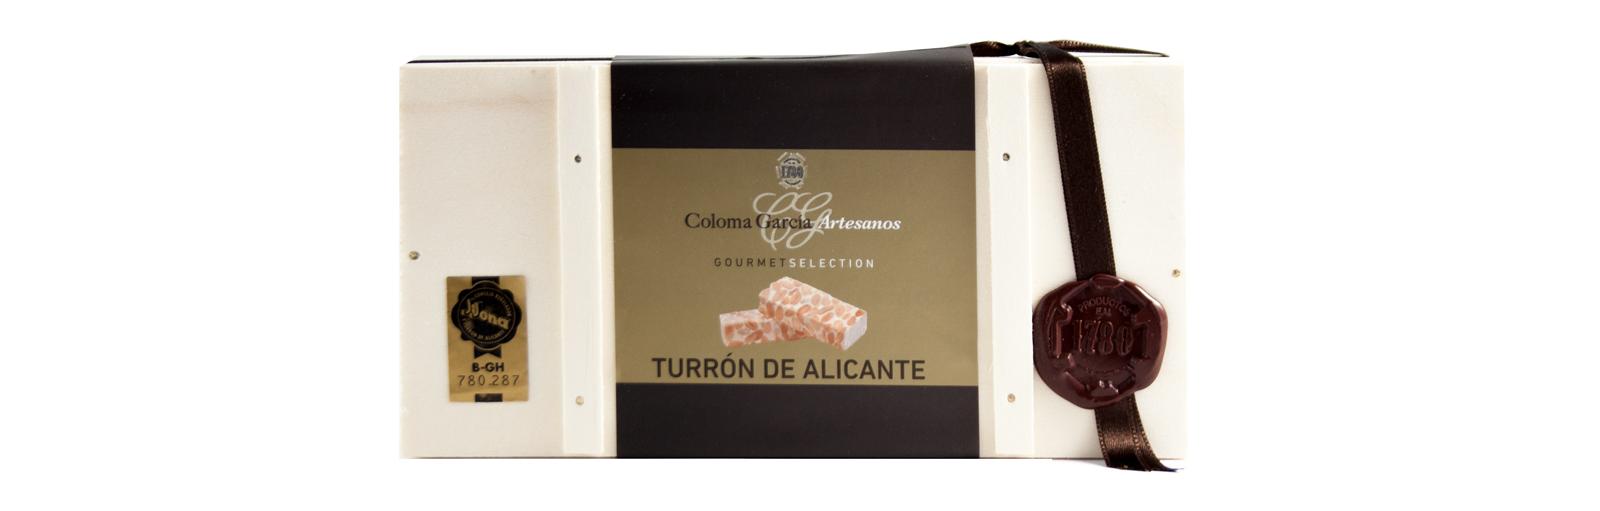 BAUL TURRÓN DE ALICANTE